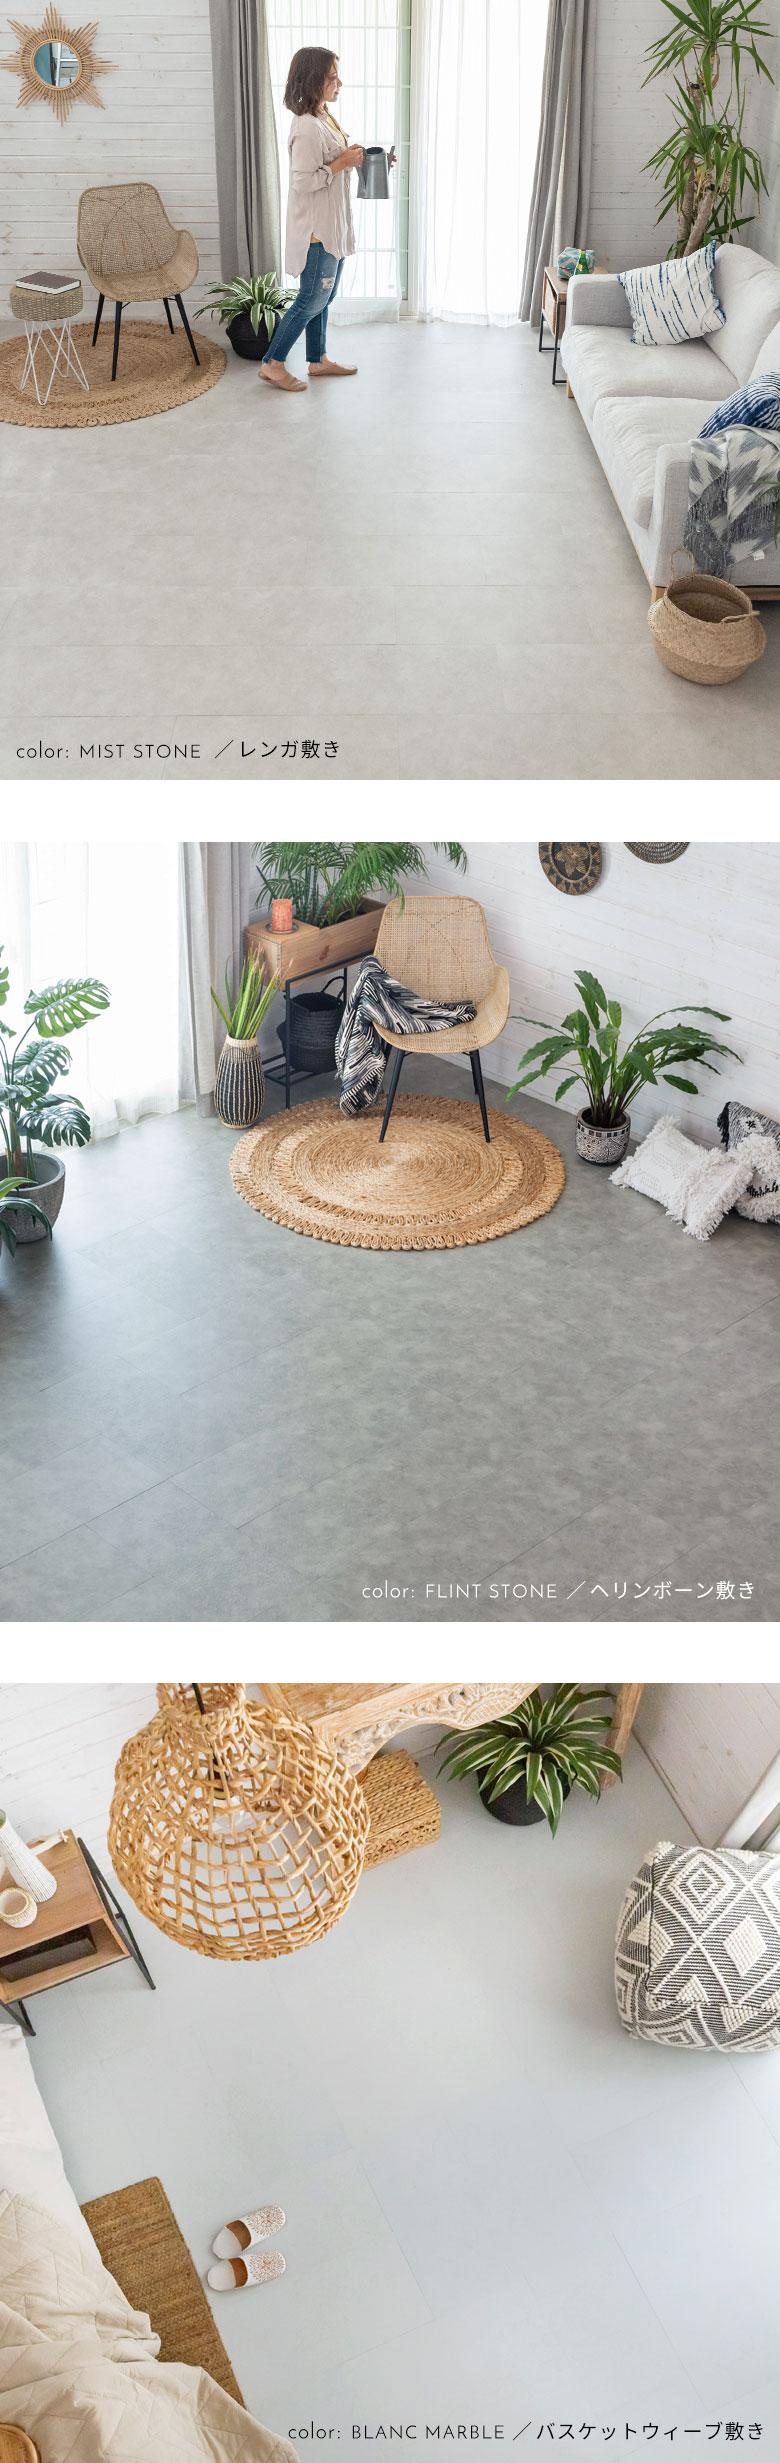 いろいろな敷き方が楽しめる床シート